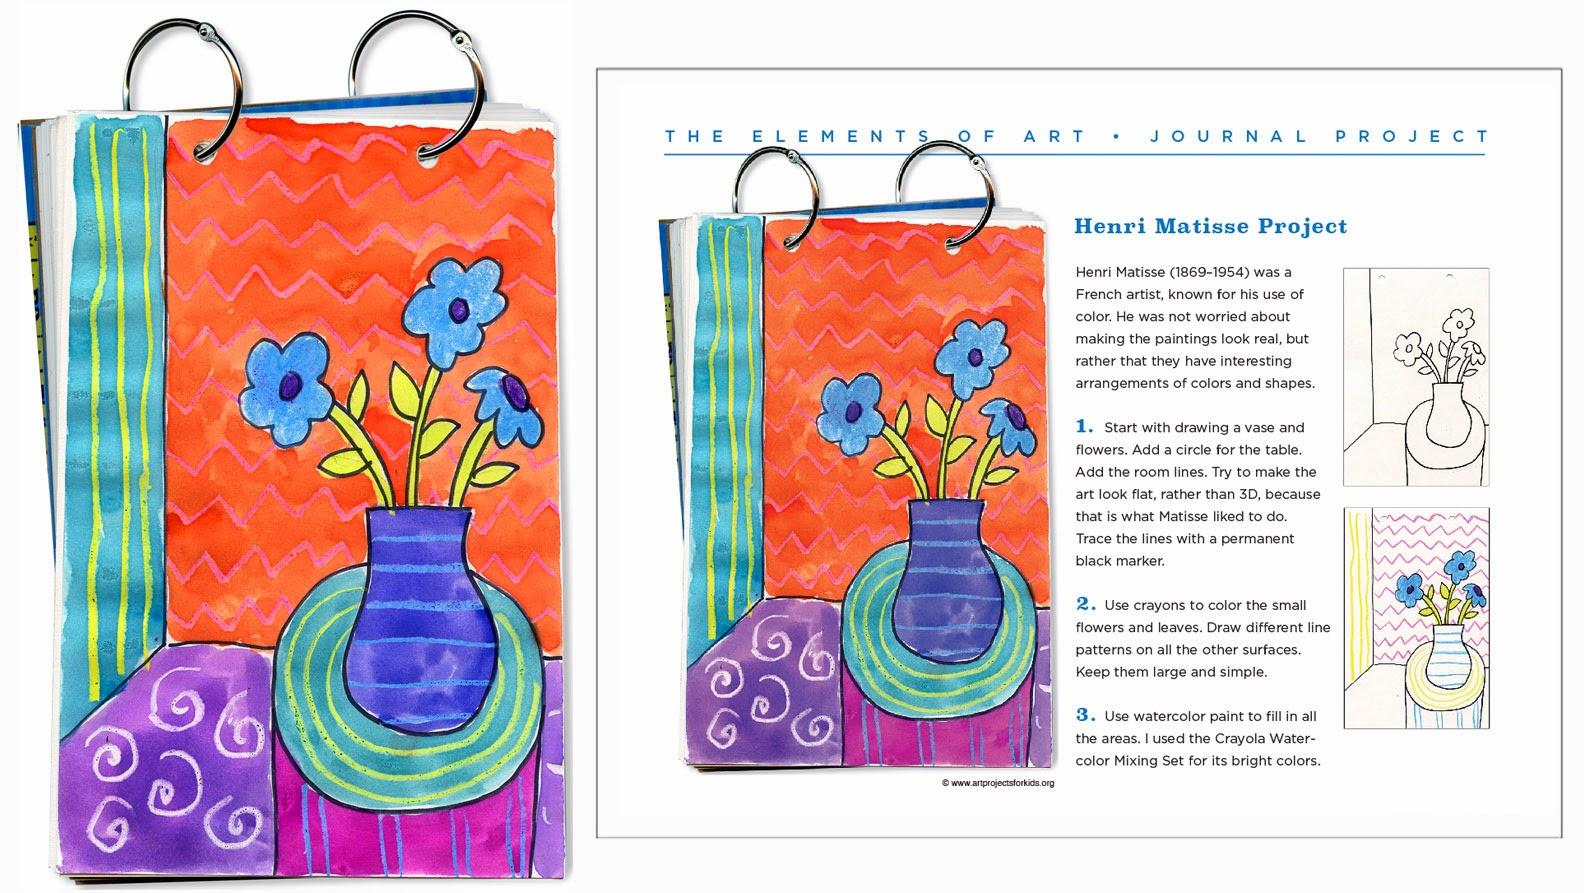 http://1.bp.blogspot.com/-oYSybLtVjOk/Uw17-6pZFsI/AAAAAAAASrM/gWgQqGINyWM/s1600/Matisse+Page.jpg